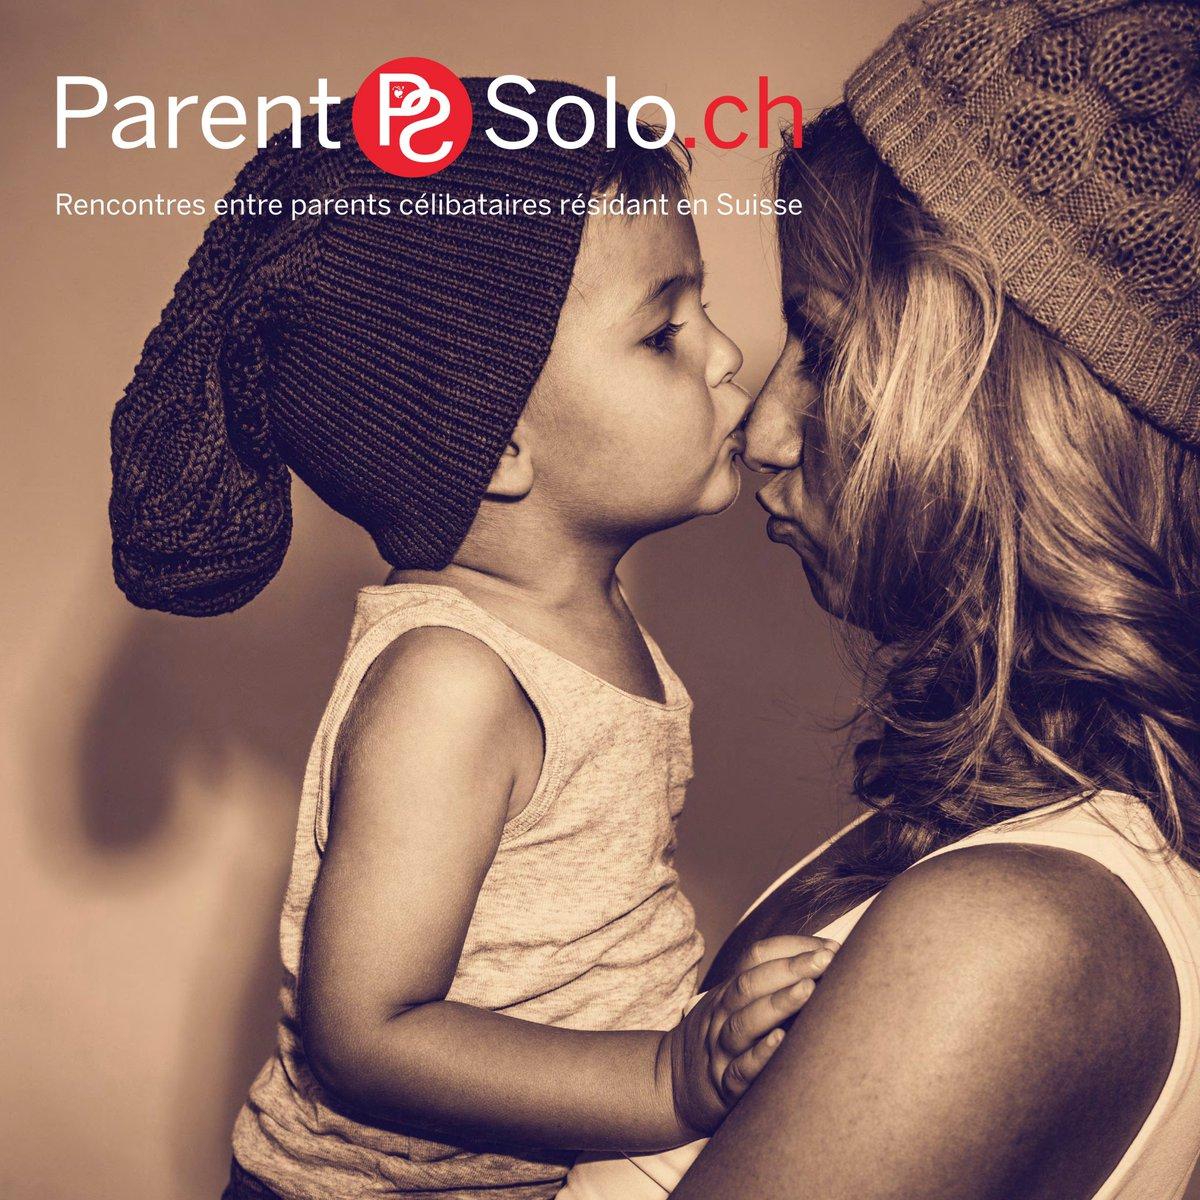 Rencontres pour parents seuls